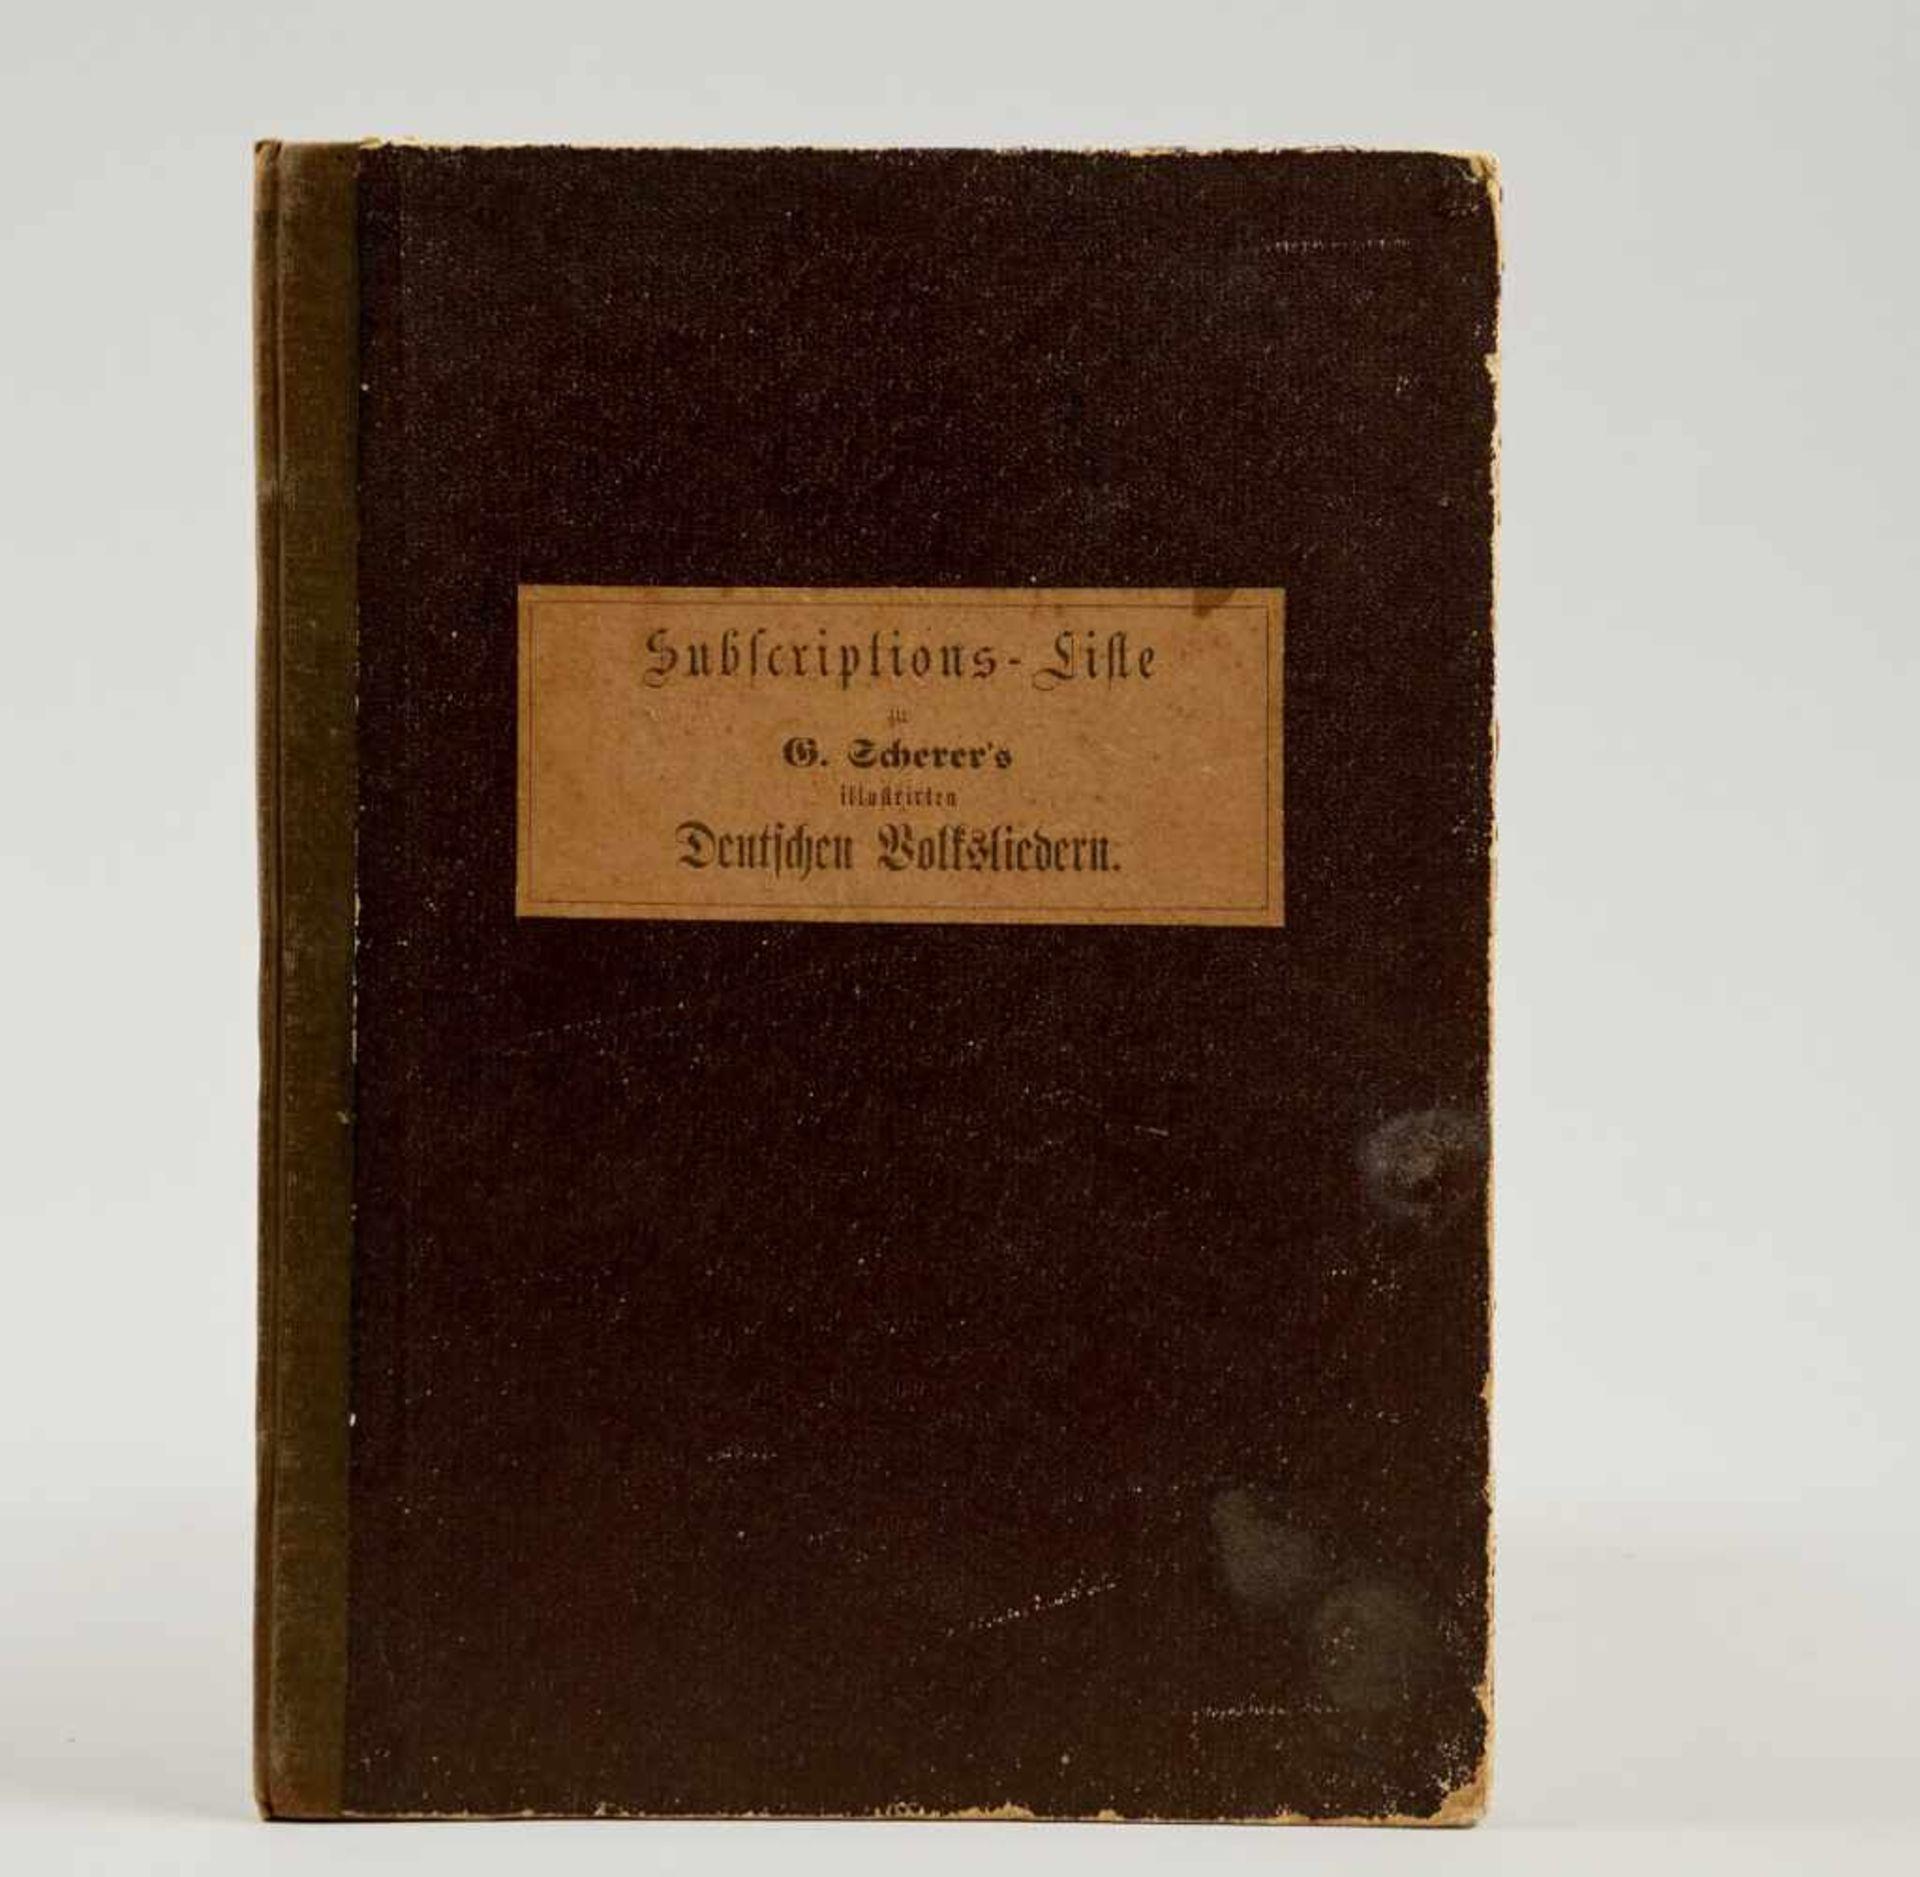 Scherer - Subscriptions-Liste zu G. Scherer's illustrirten Deutschen Volksliedern.